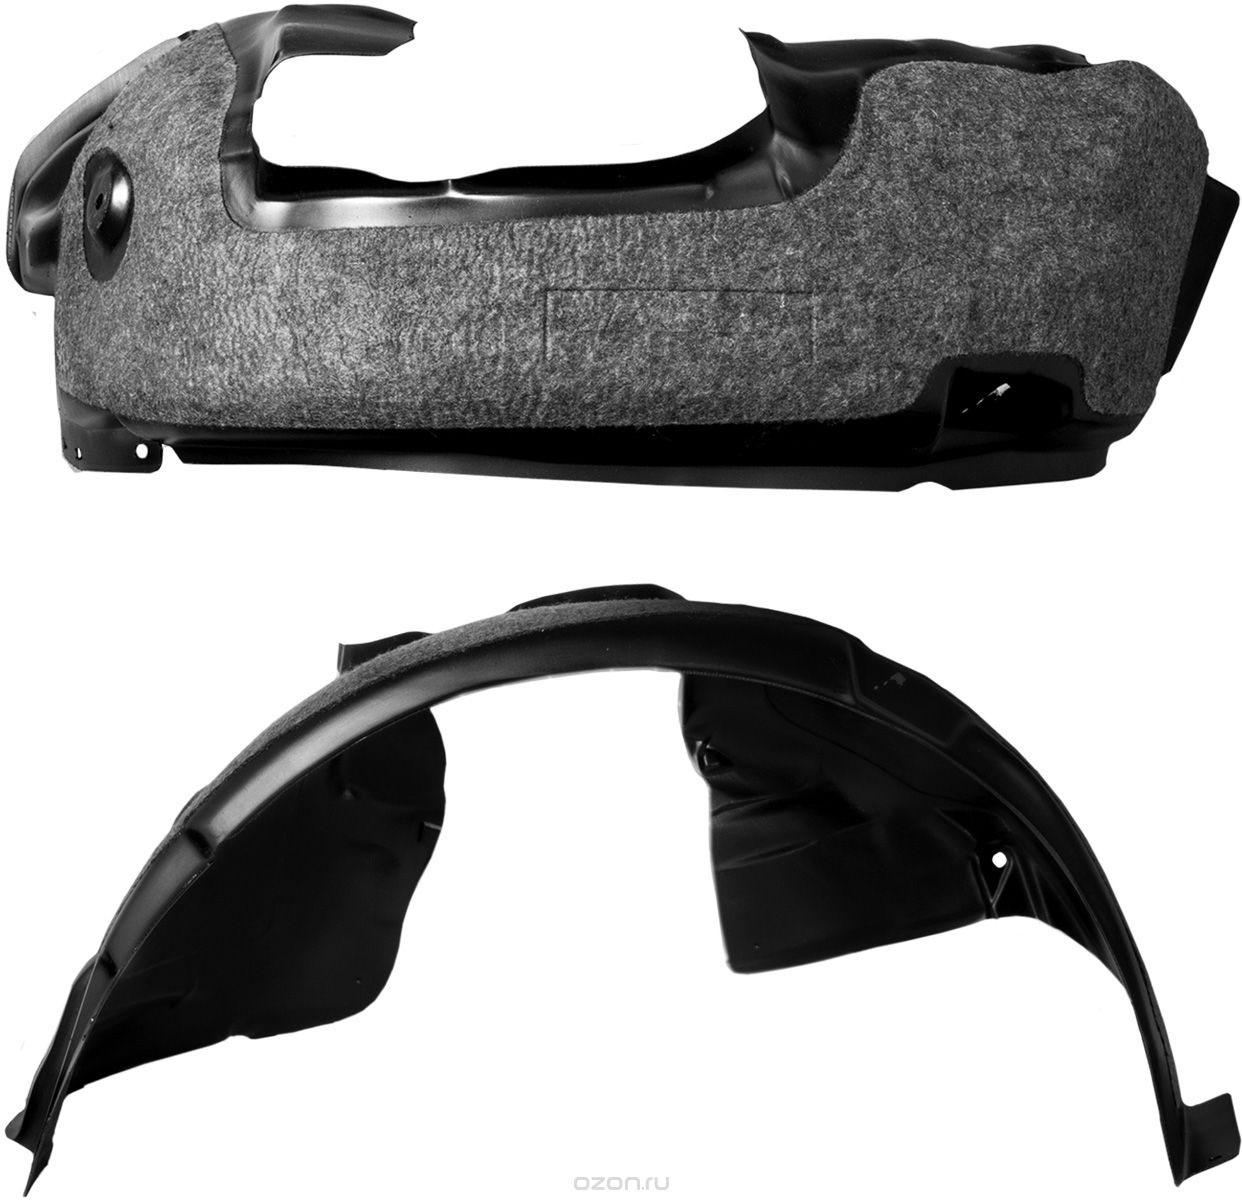 Подкрылок Novline-Autofamily, с шумоизоляцией, для SKODA Rapid, 2012->, передний левыйкн12-60авцИдеальная защита колесной ниши. Локеры разработаны с применением цифровых технологий, гарантируют максимальную повторяемость поверхности арки. Изделия устанавливаются без нарушения лакокрасочного покрытия автомобиля, каждый подкрылок комплектуется крепежом. Уважаемые клиенты, обращаем ваше внимание, что фотографии на подкрылки универсальные и не отражают реальную форму изделия. При этом само изделие идет точно под размер указанного автомобиля.